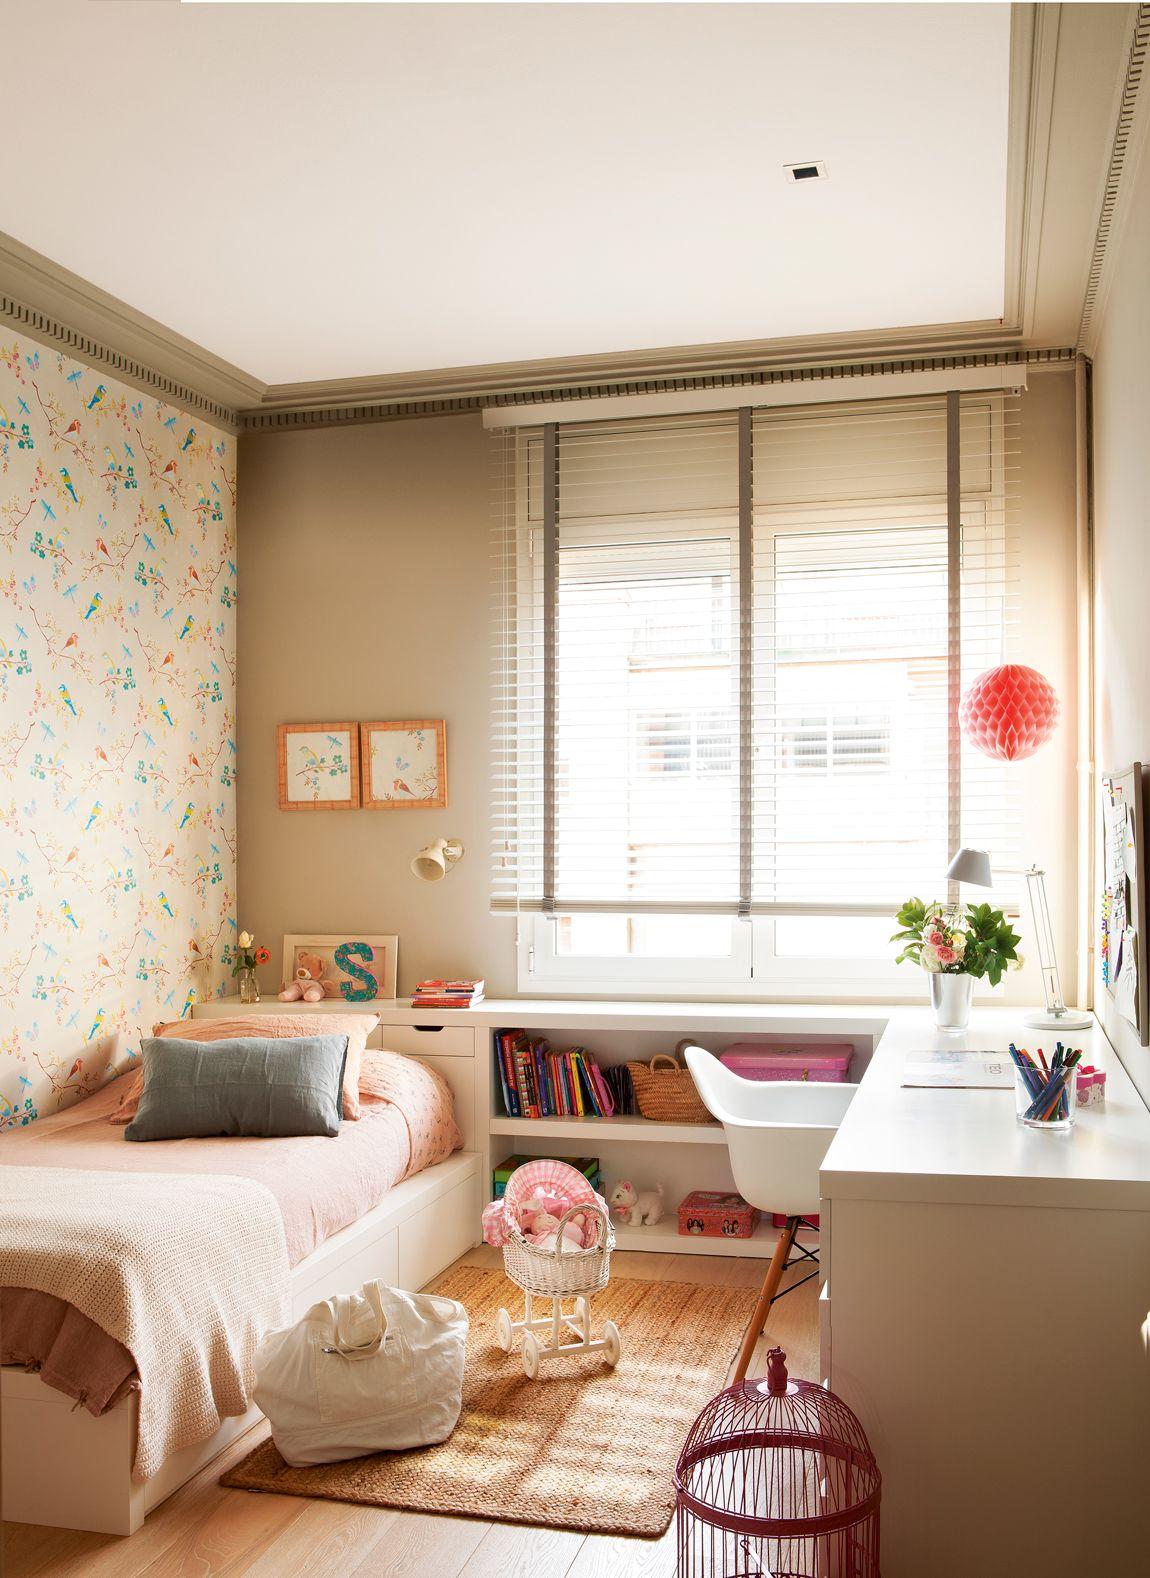 Habitaci n infantil mueble a medida blanco de cama con cajones cabecero y estanter a papel - Cabecero cama pintado ...